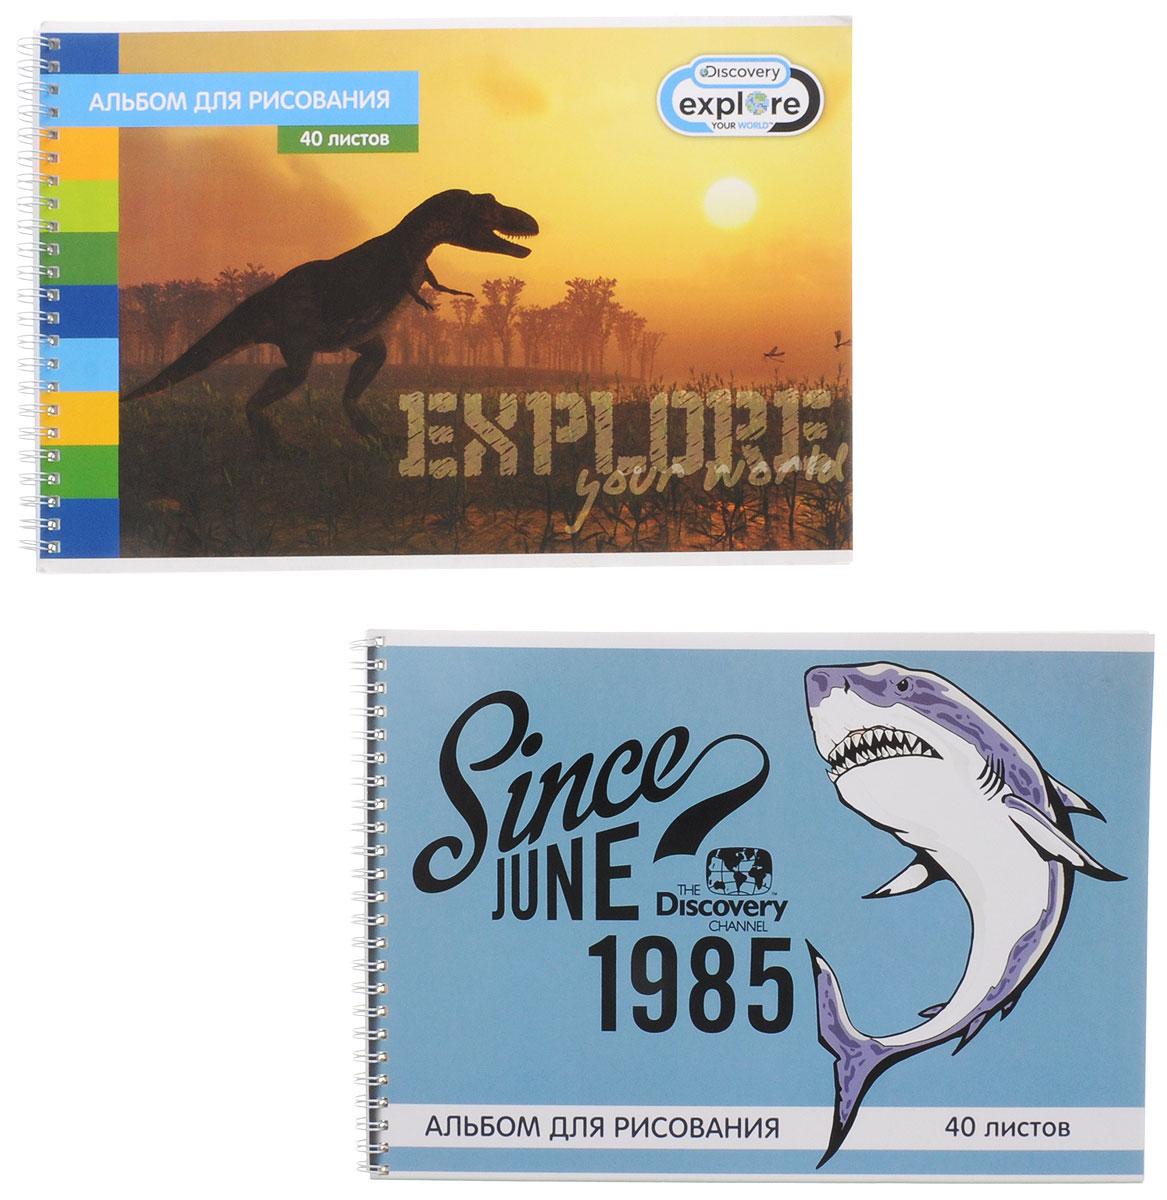 Action! Набор альбомов для рисования Акула и динозавр 40 листов 2 штDV-AA-40S_акула, динозаврАльбом для рисования Action! Акула и динозавр порадует маленького художника и вдохновит его на творчество. Альбом изготовлен из белоснежной бумаги с яркой обложкой из плотного картона. Внутренний блок альбома на гребне. Один альбом содержит 40 листов. В набор входят два альбома.